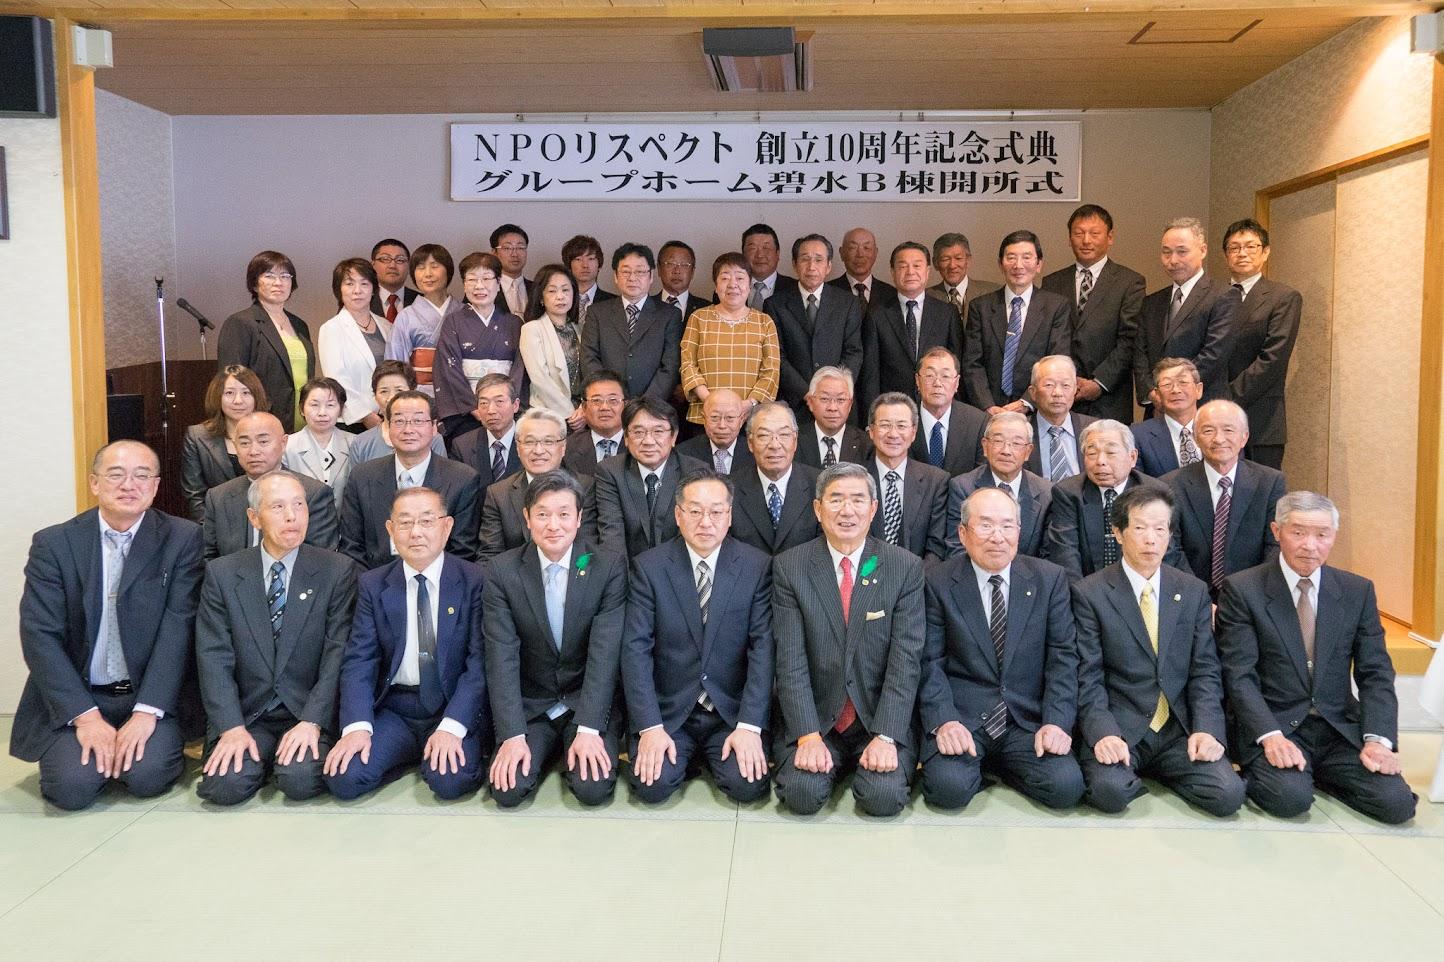 参加者祈念撮影「NPOリスペクト創立10周年記念式典並びにグループホーム碧水B棟開所式」